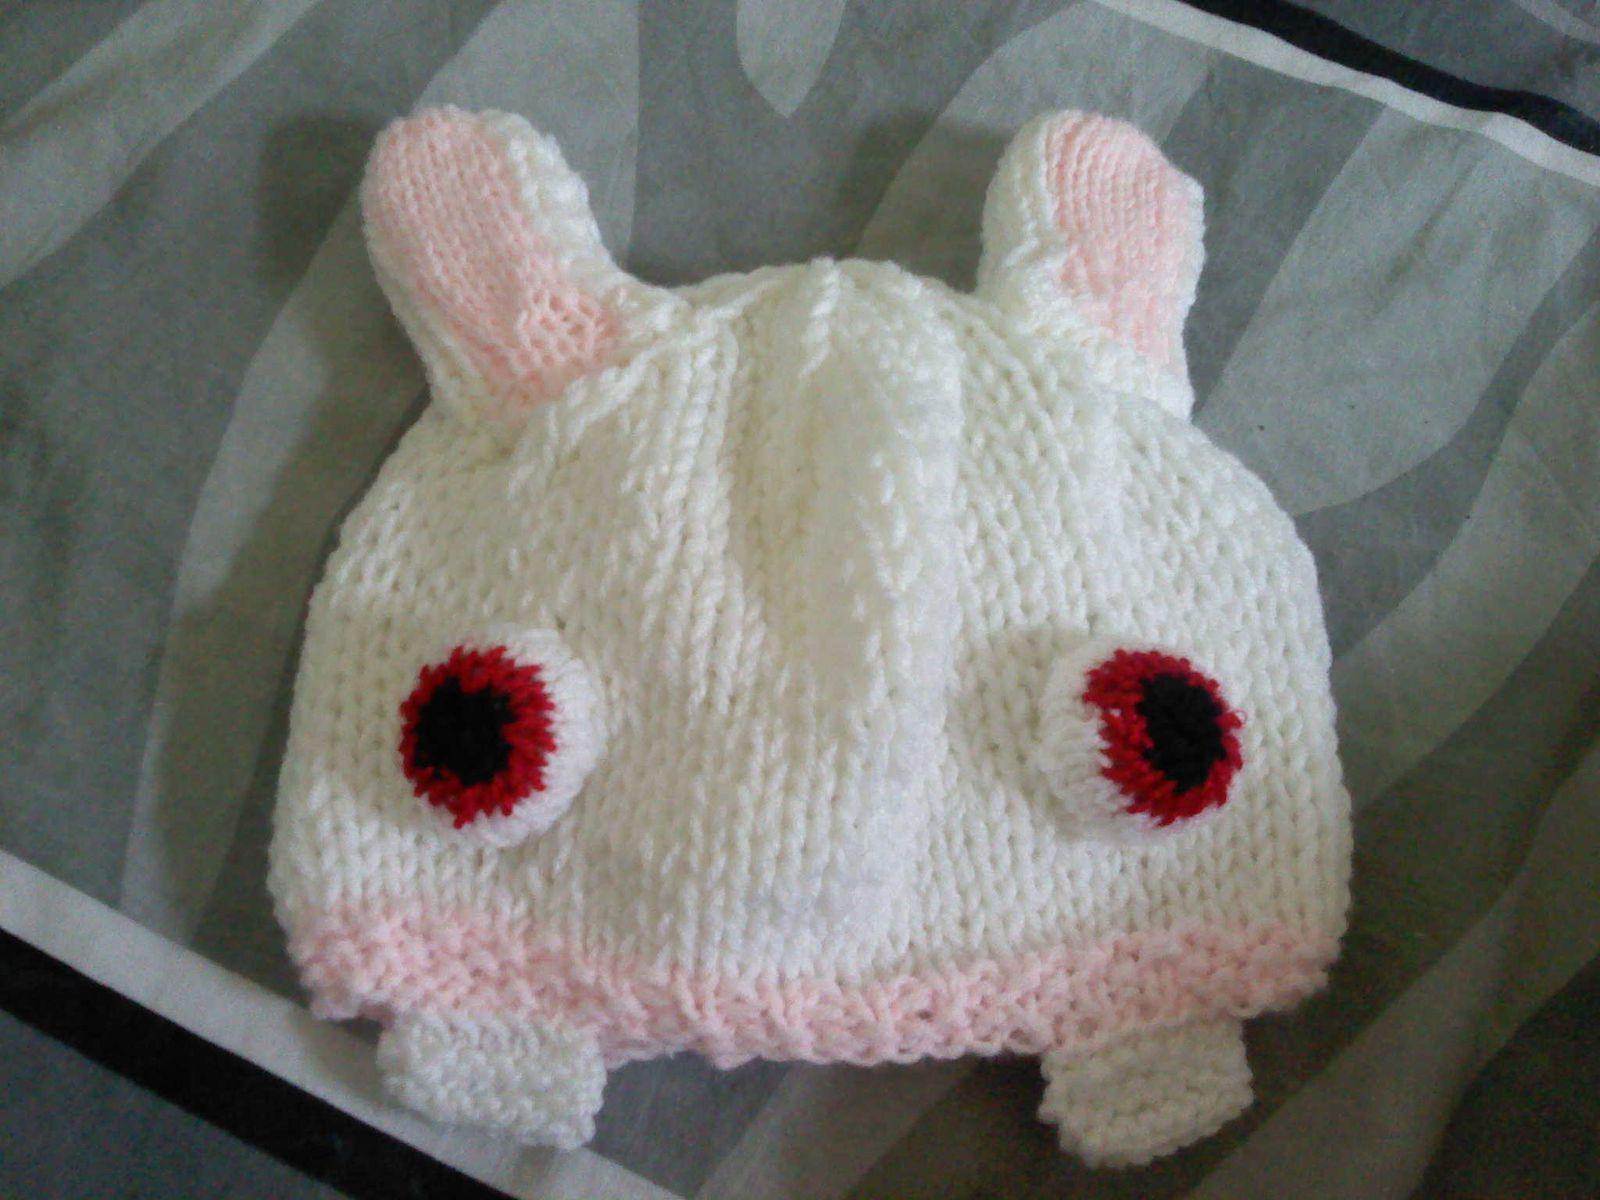 Lapin crétin - Rabbids crochet amigurumi | Crochet amigurumi ... | 1536x2048